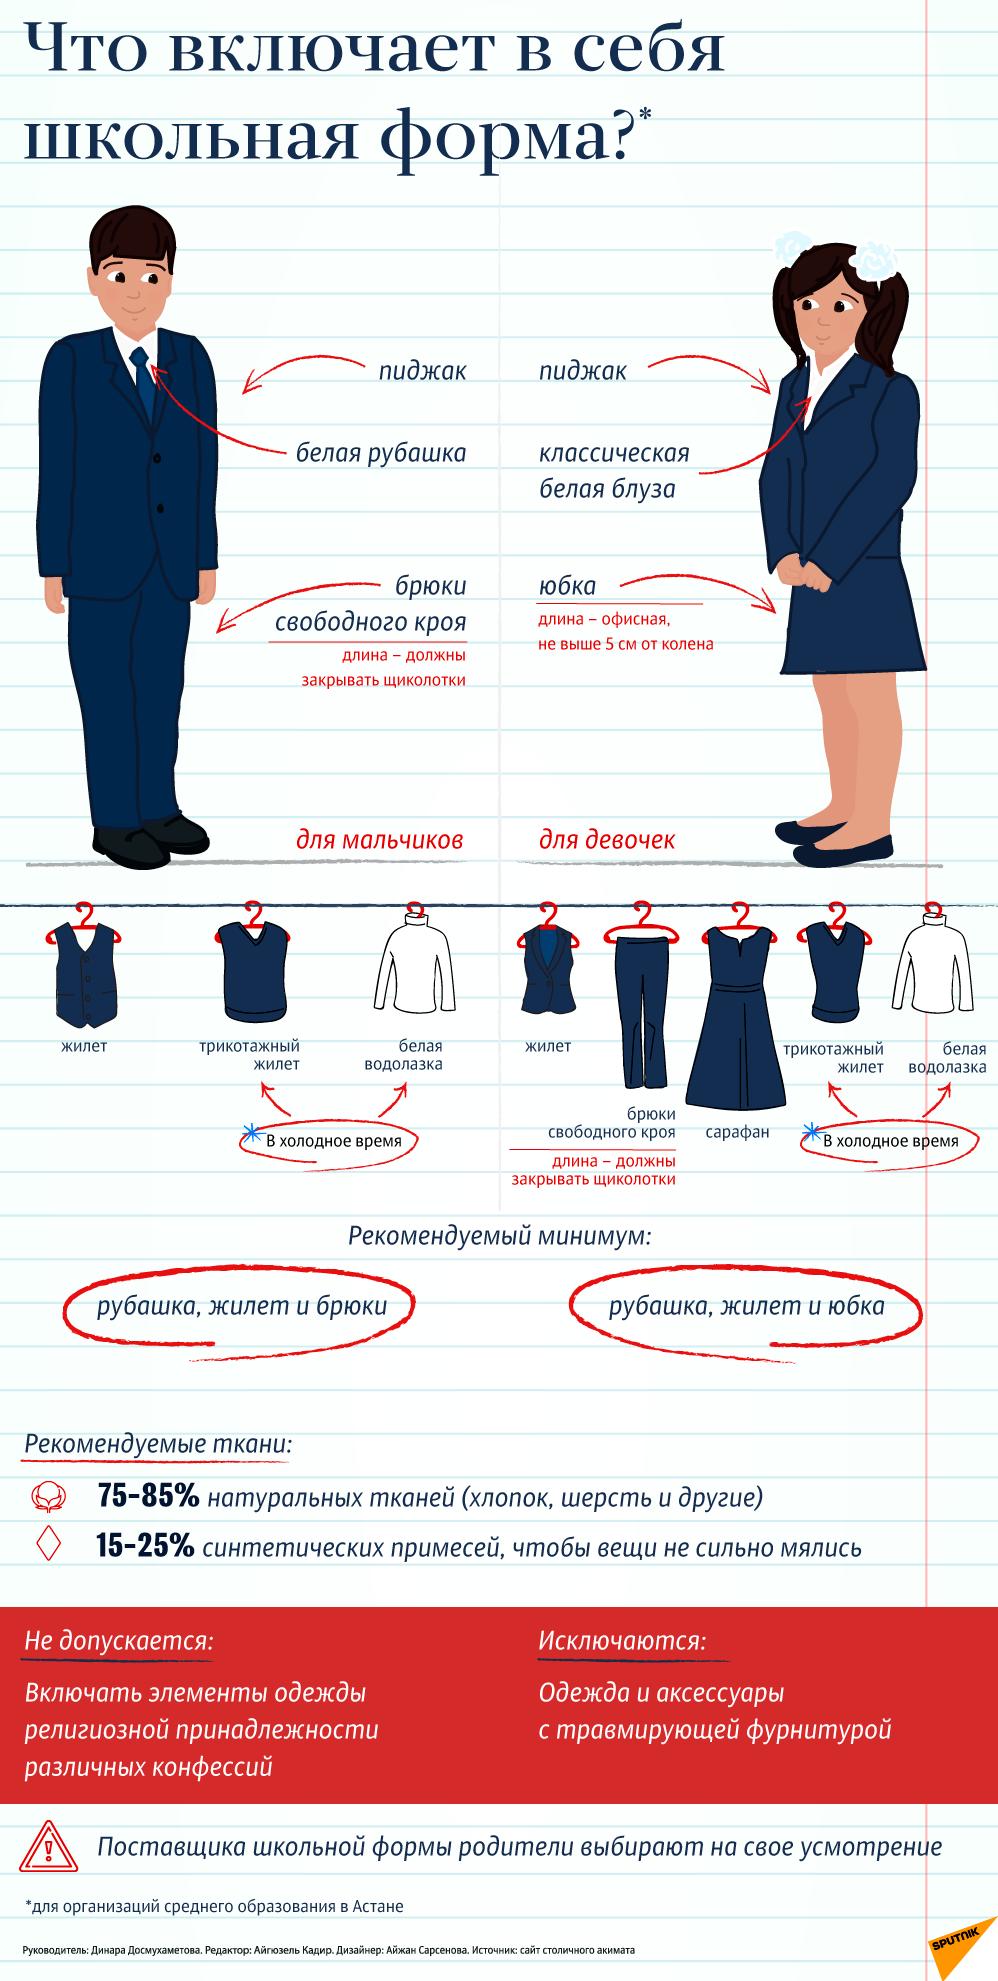 Школьная форма - инфографика